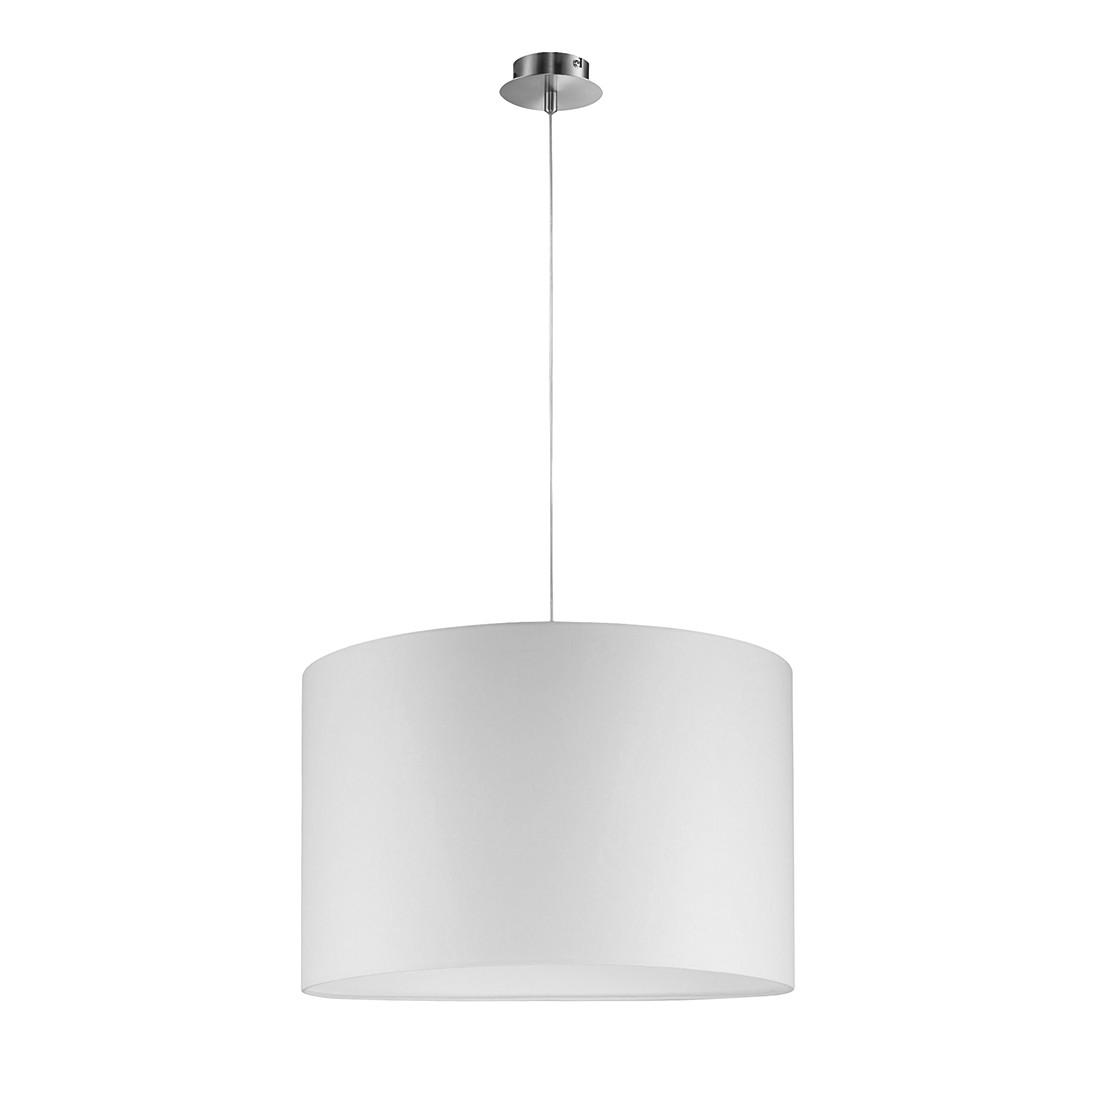 EEK A+, Pendelleuchte 1-flg. Silber 40 cm rund - SHINE-LOFT, Fischer Leuchten